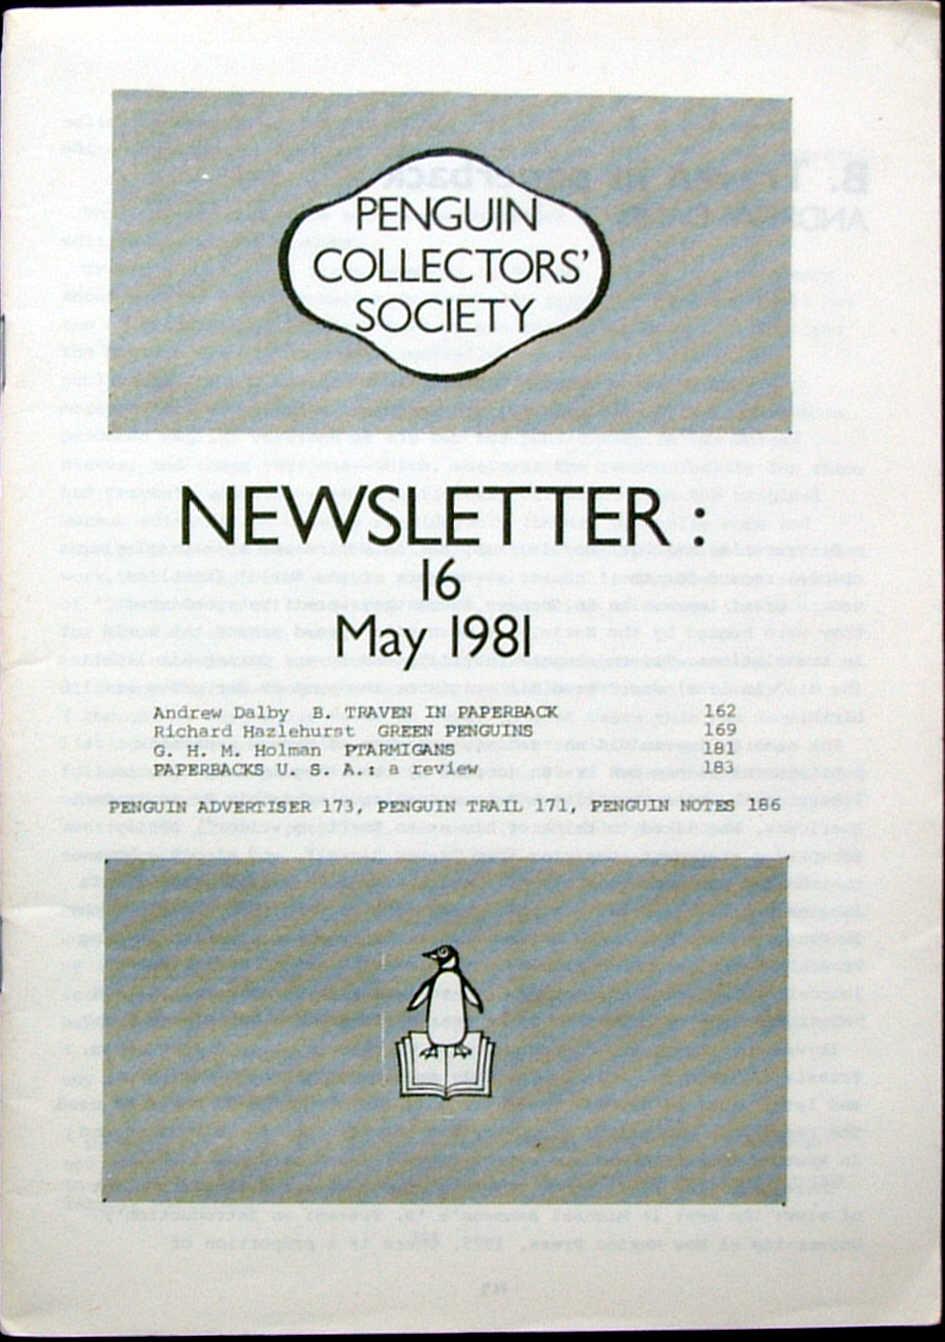 Newsletter 16 Image 1